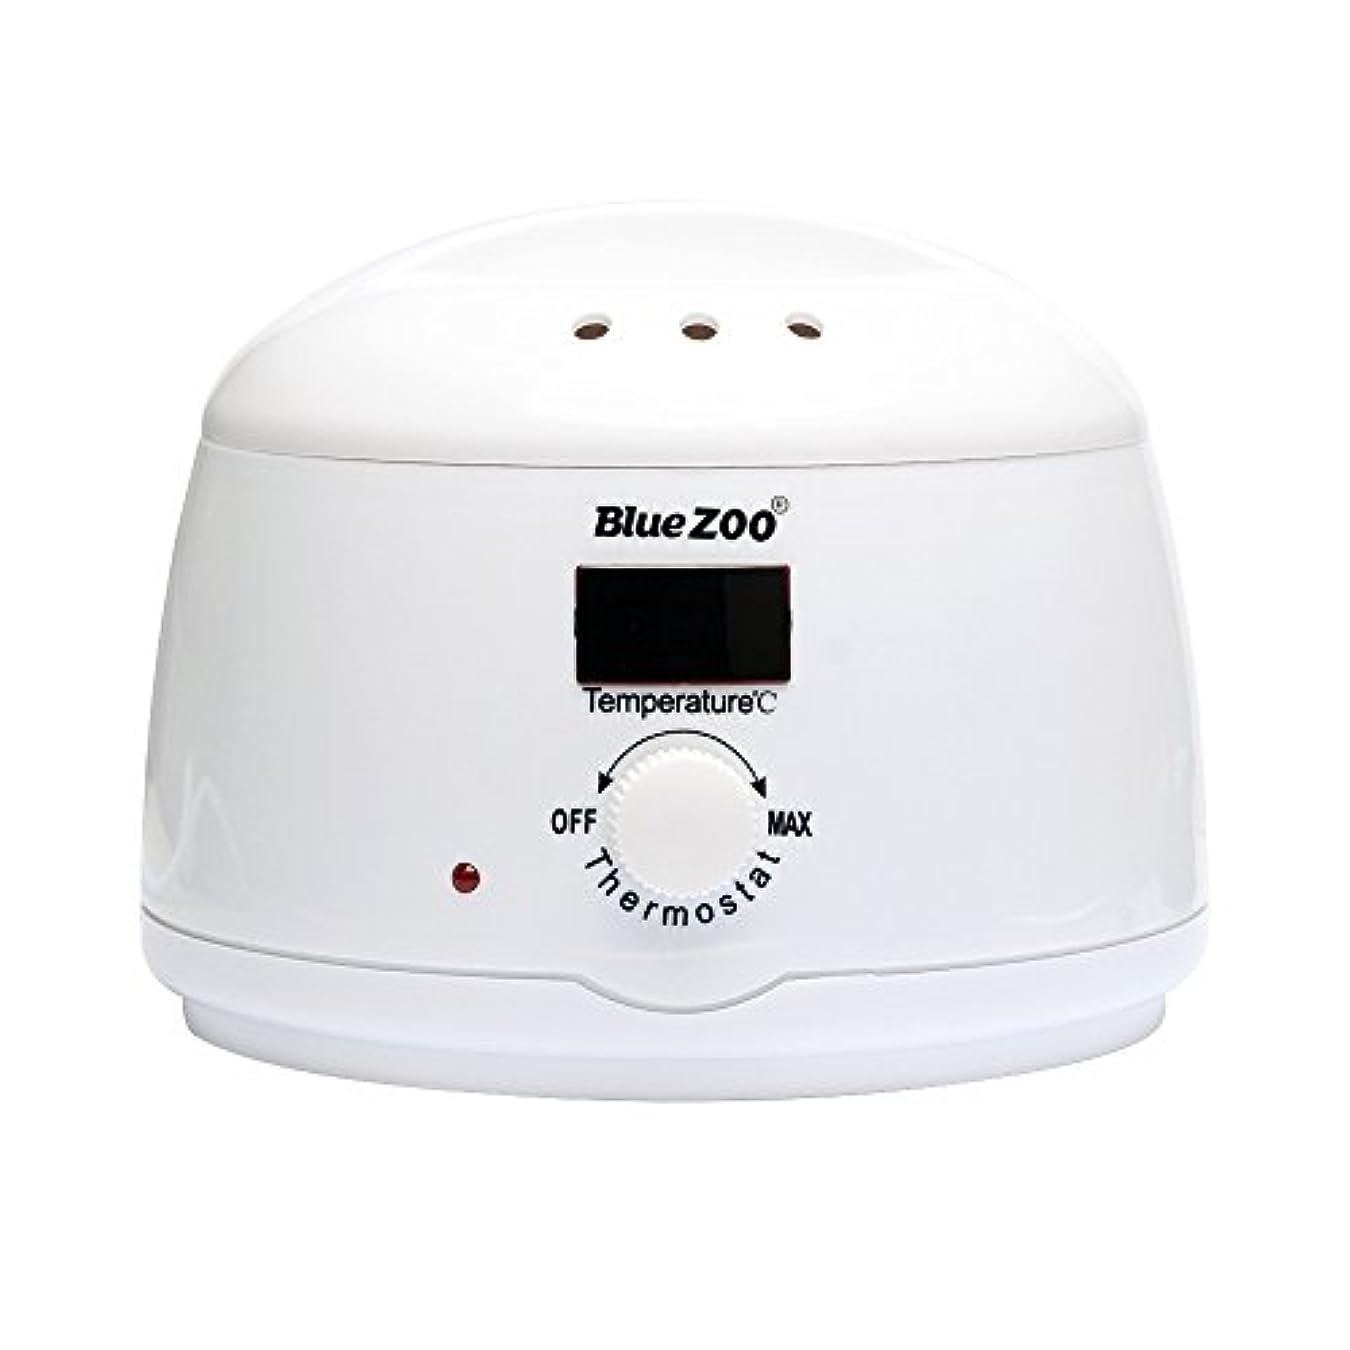 注入するかなり移行Rabugoo セクシー デジタル表示ワックス豆ワイマー脱毛ホットワックスヒーターマシン Digital display British regulations